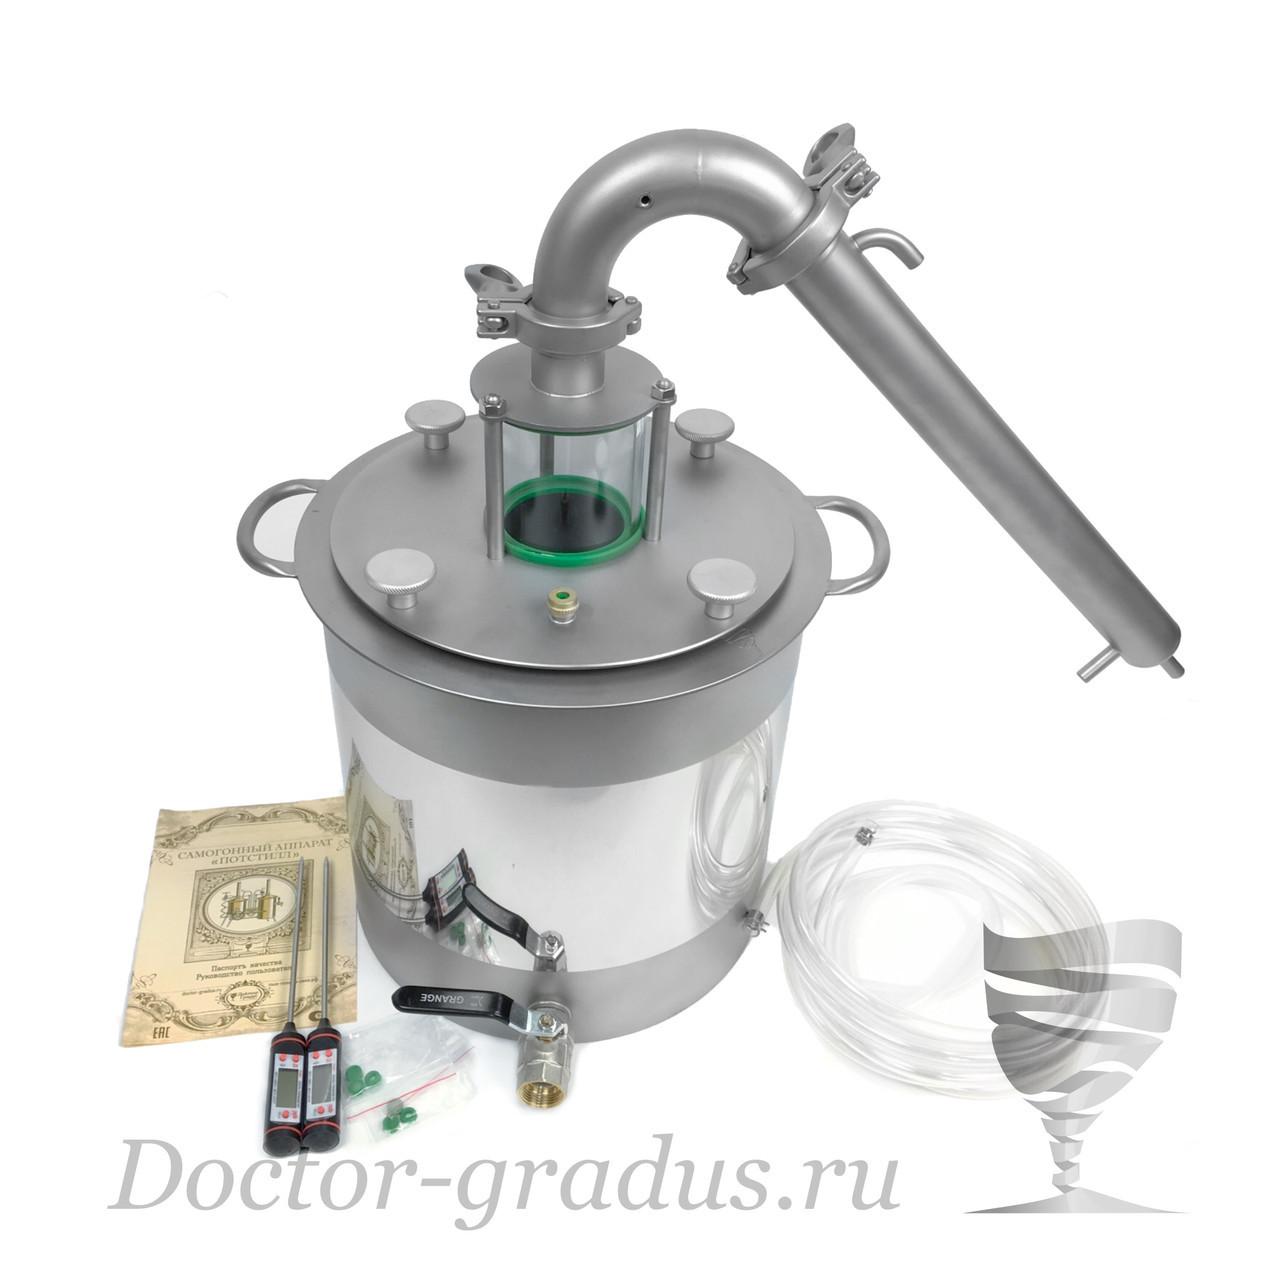 """Дистиллятор  Доктор Градус Потстилл 1,5"""" с кубом 36 литров"""